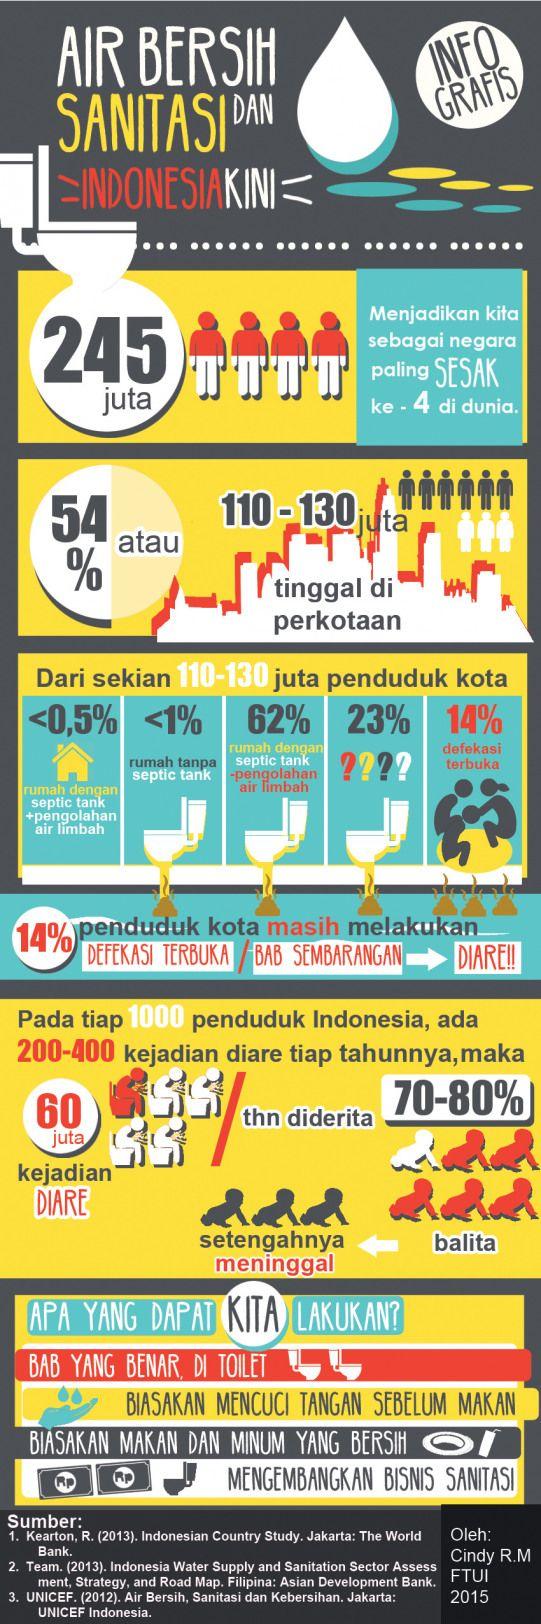 Infografis Air Bersih dan Sanitasi Indonesia Kini